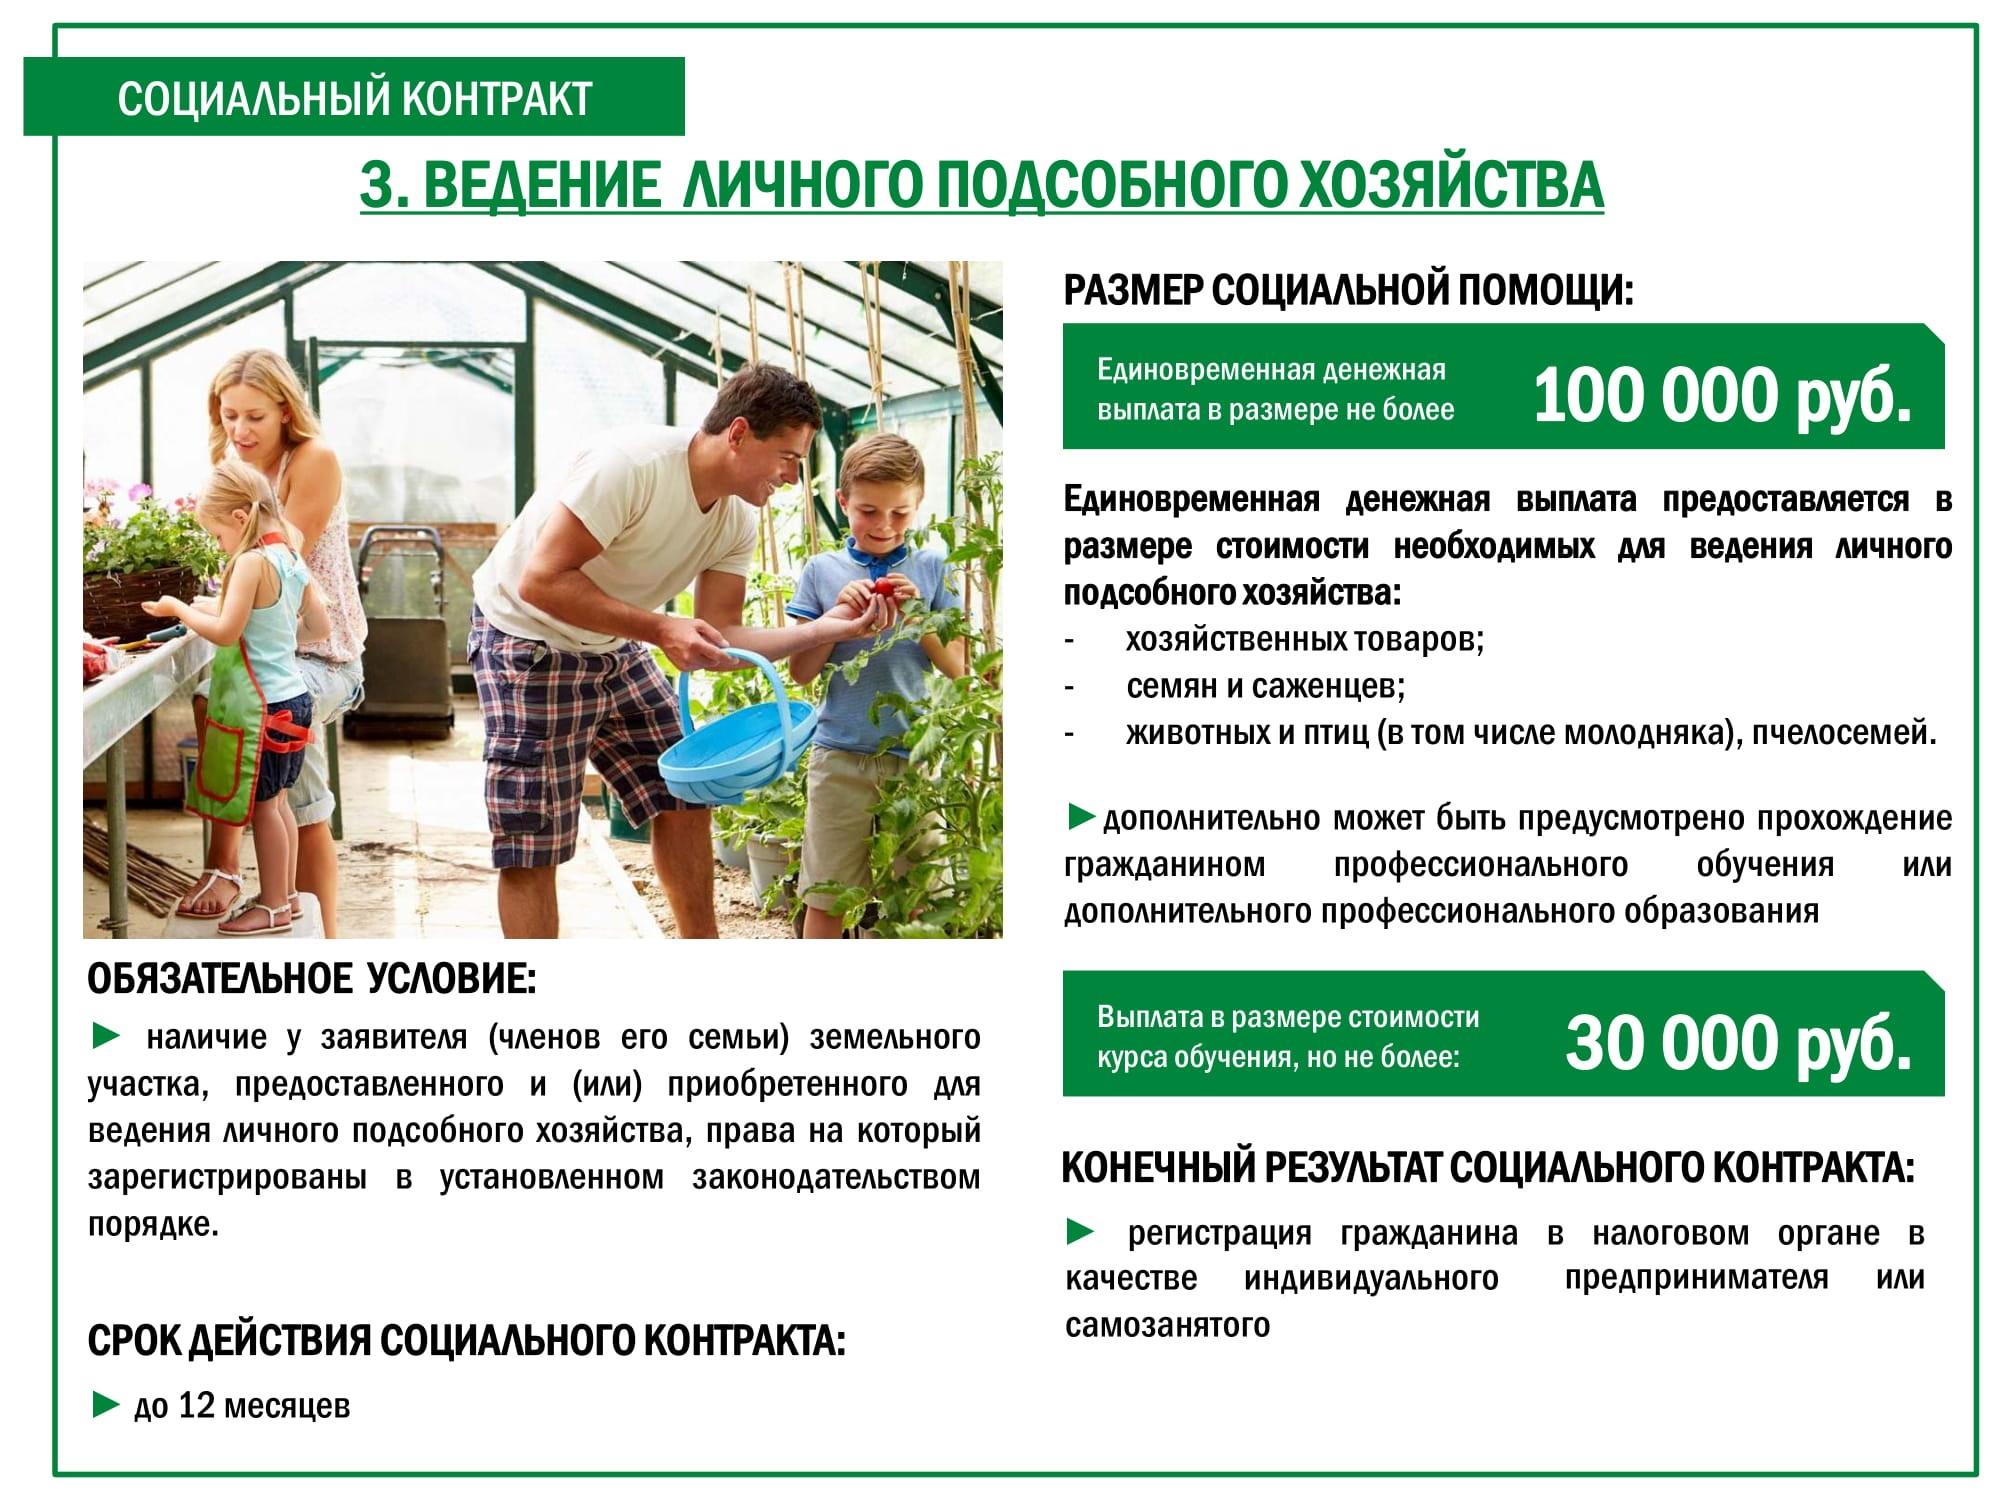 socialnyy_kontrakt_2021_dlya_publikacii-5